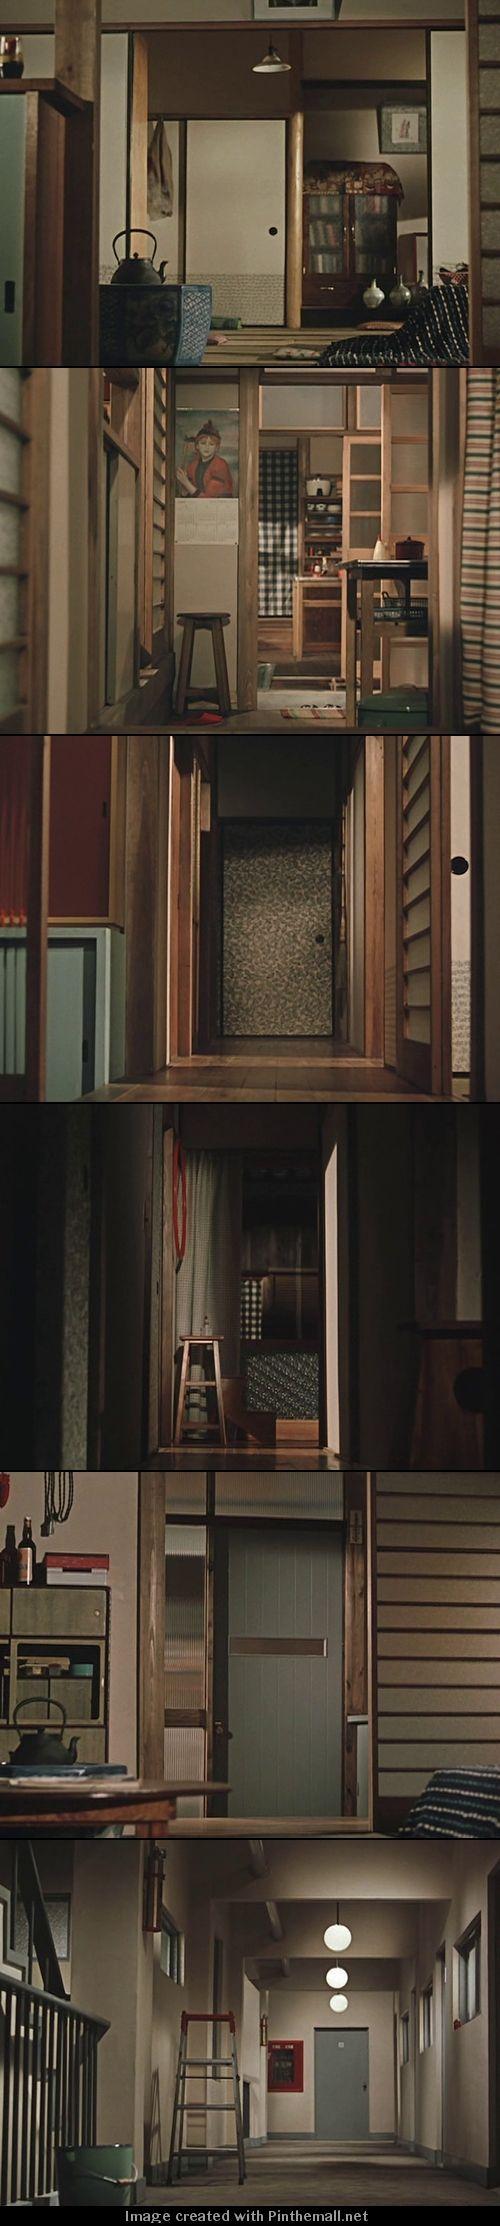 お早よう [Good Morning] (Yasujiro Ozu, 1959) Ozu